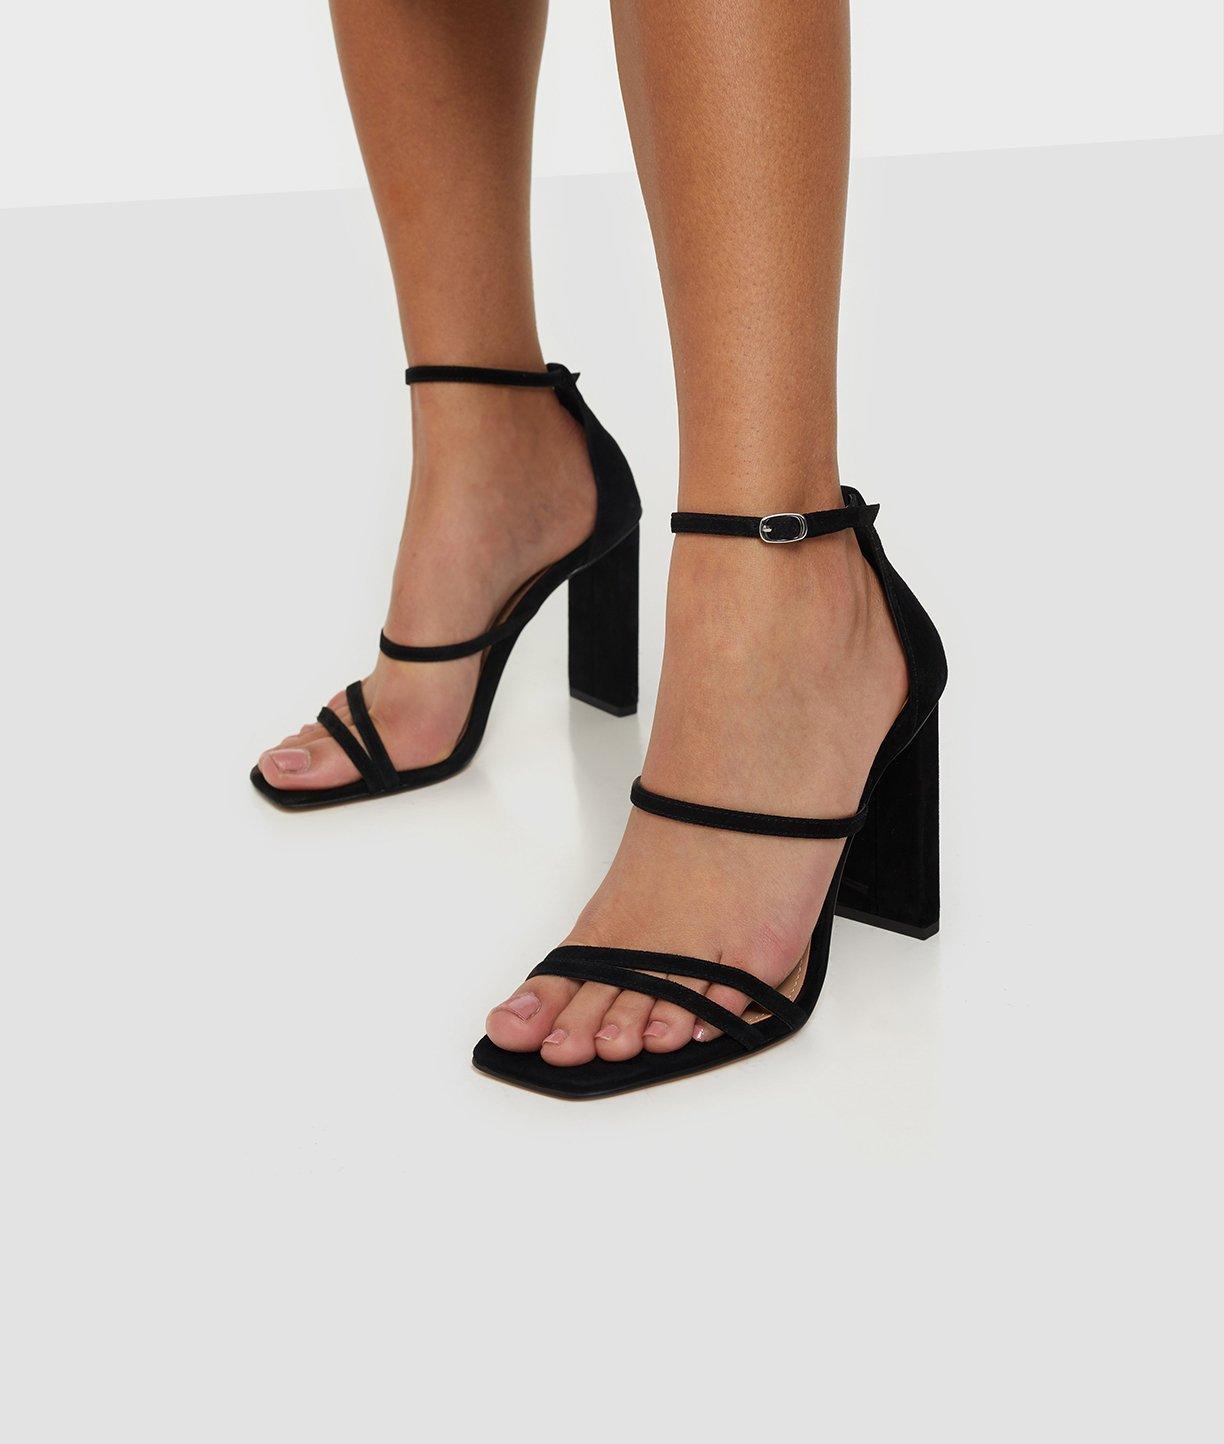 Skor online shoppa skor på nätet hos